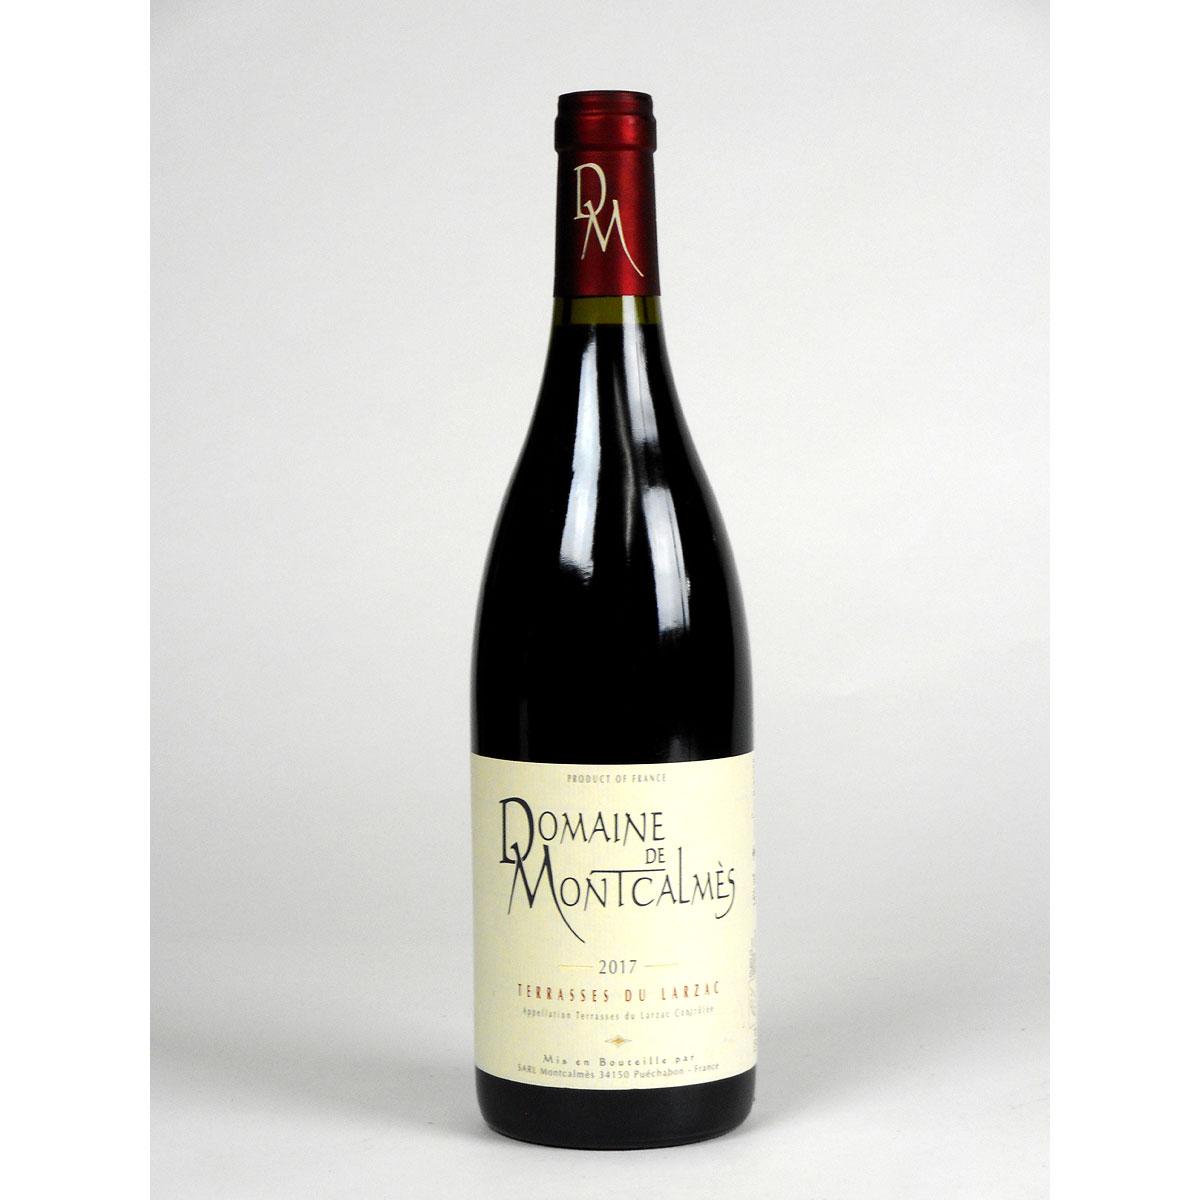 AOC Terrasses du Larzac: Domaine de Montcalmès Rouge 2017 - Bottle